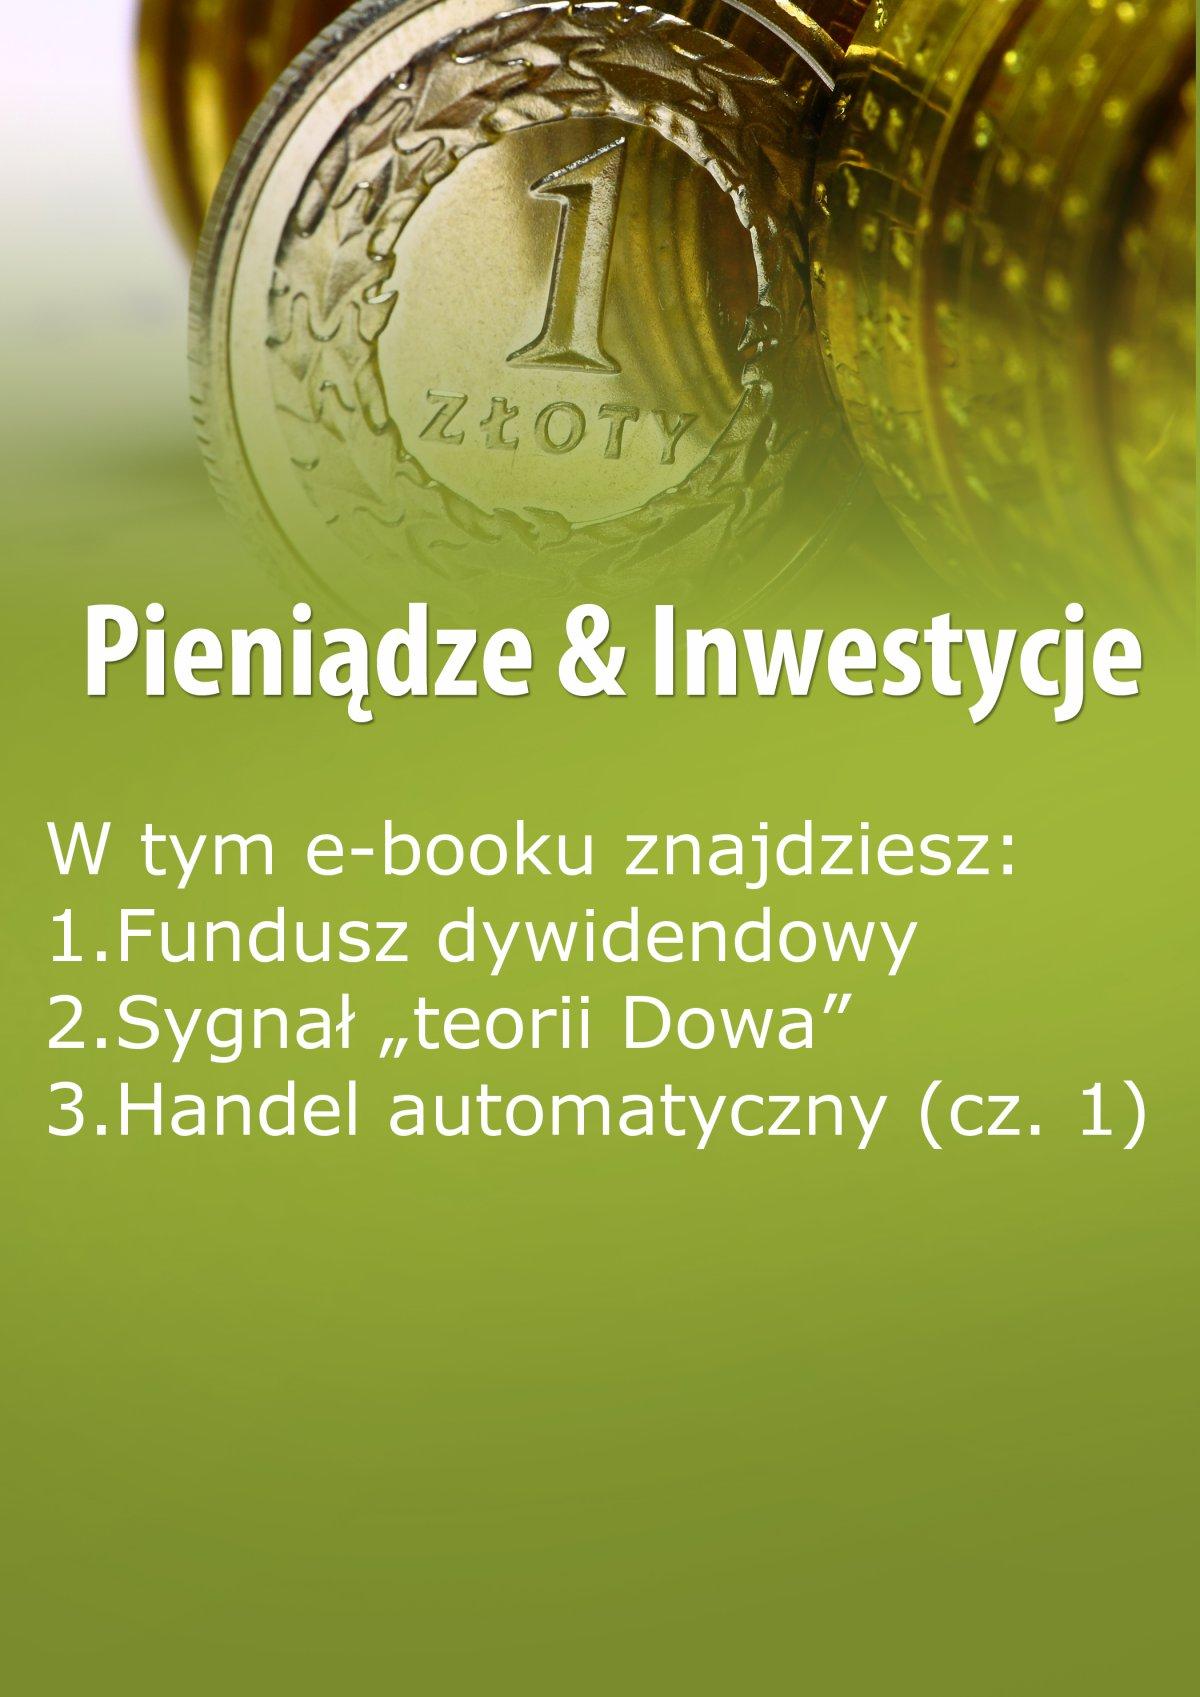 Pieniądze & Inwestycje, wydanie lipiec 2015 r. - Ebook (Książka EPUB) do pobrania w formacie EPUB